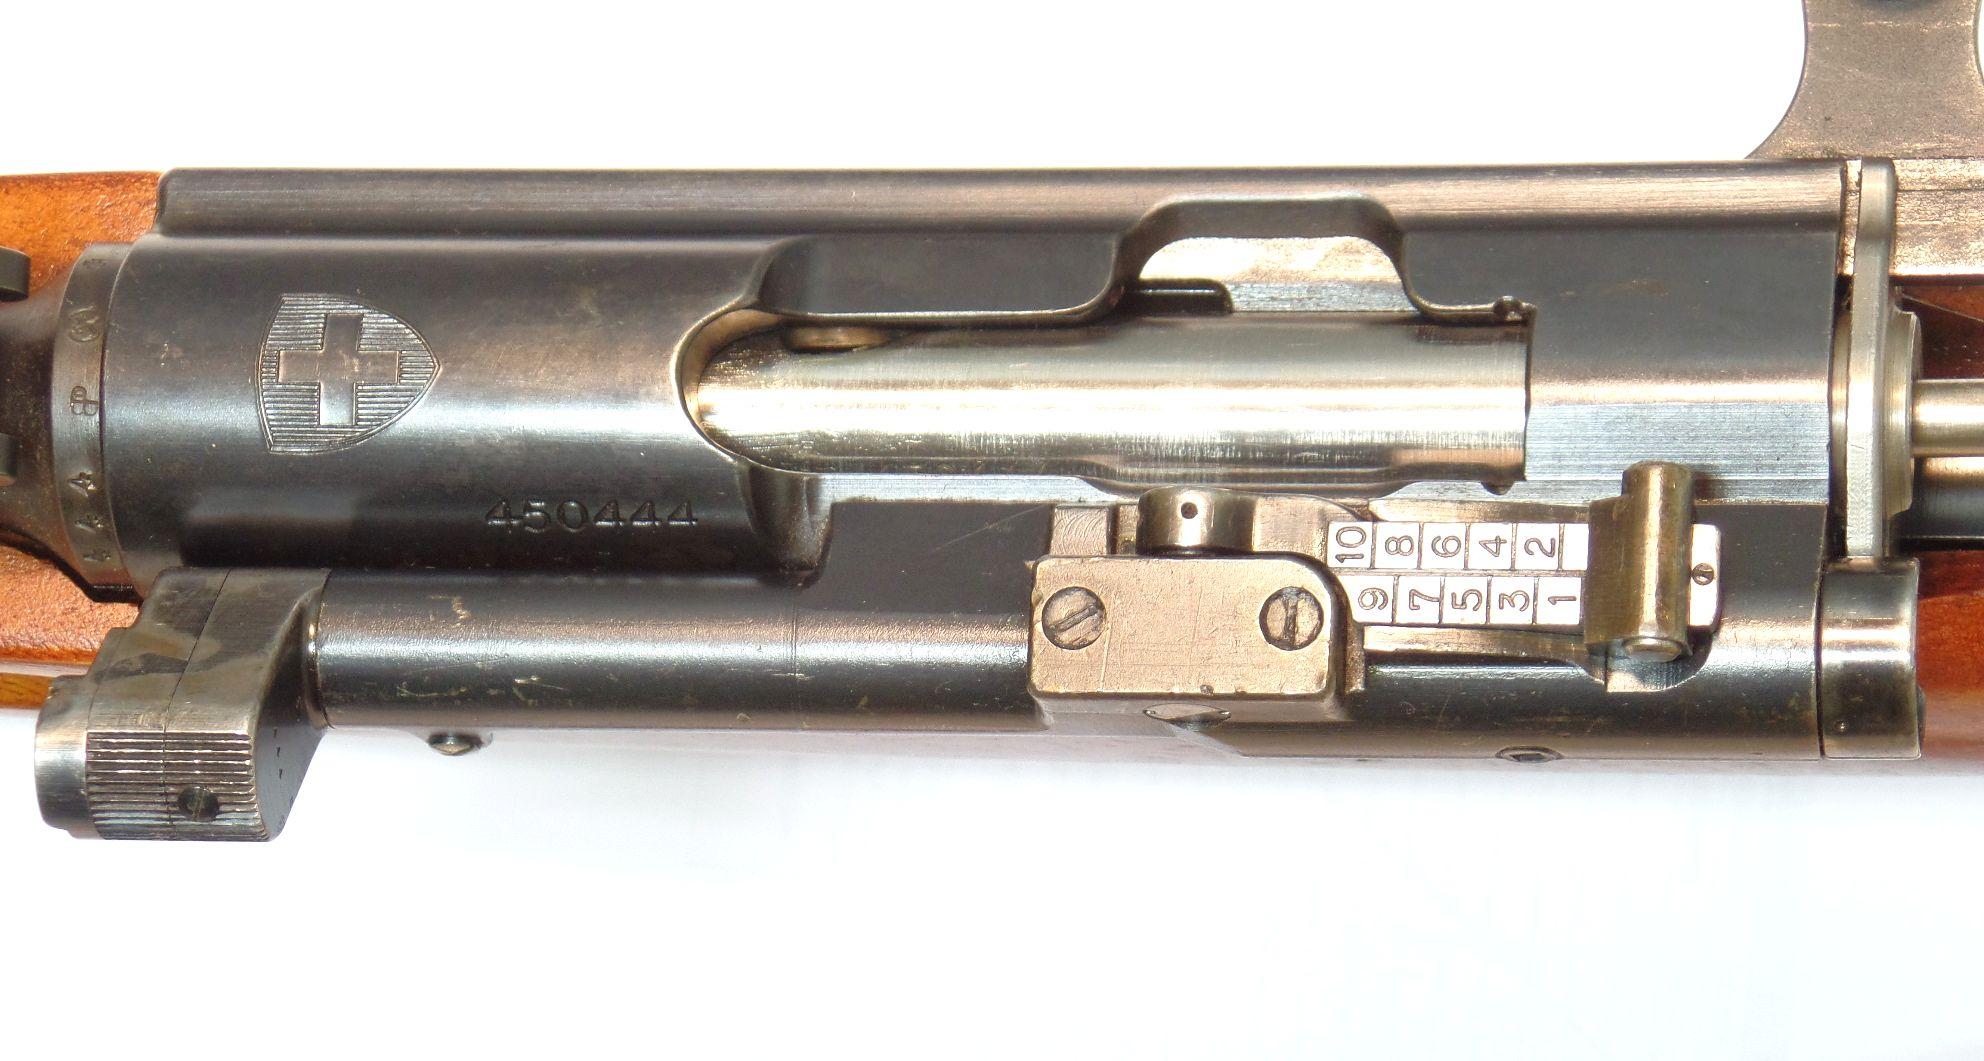 ZFK31-42 calibre 7.5x55 Zielfernrohr Karabiner